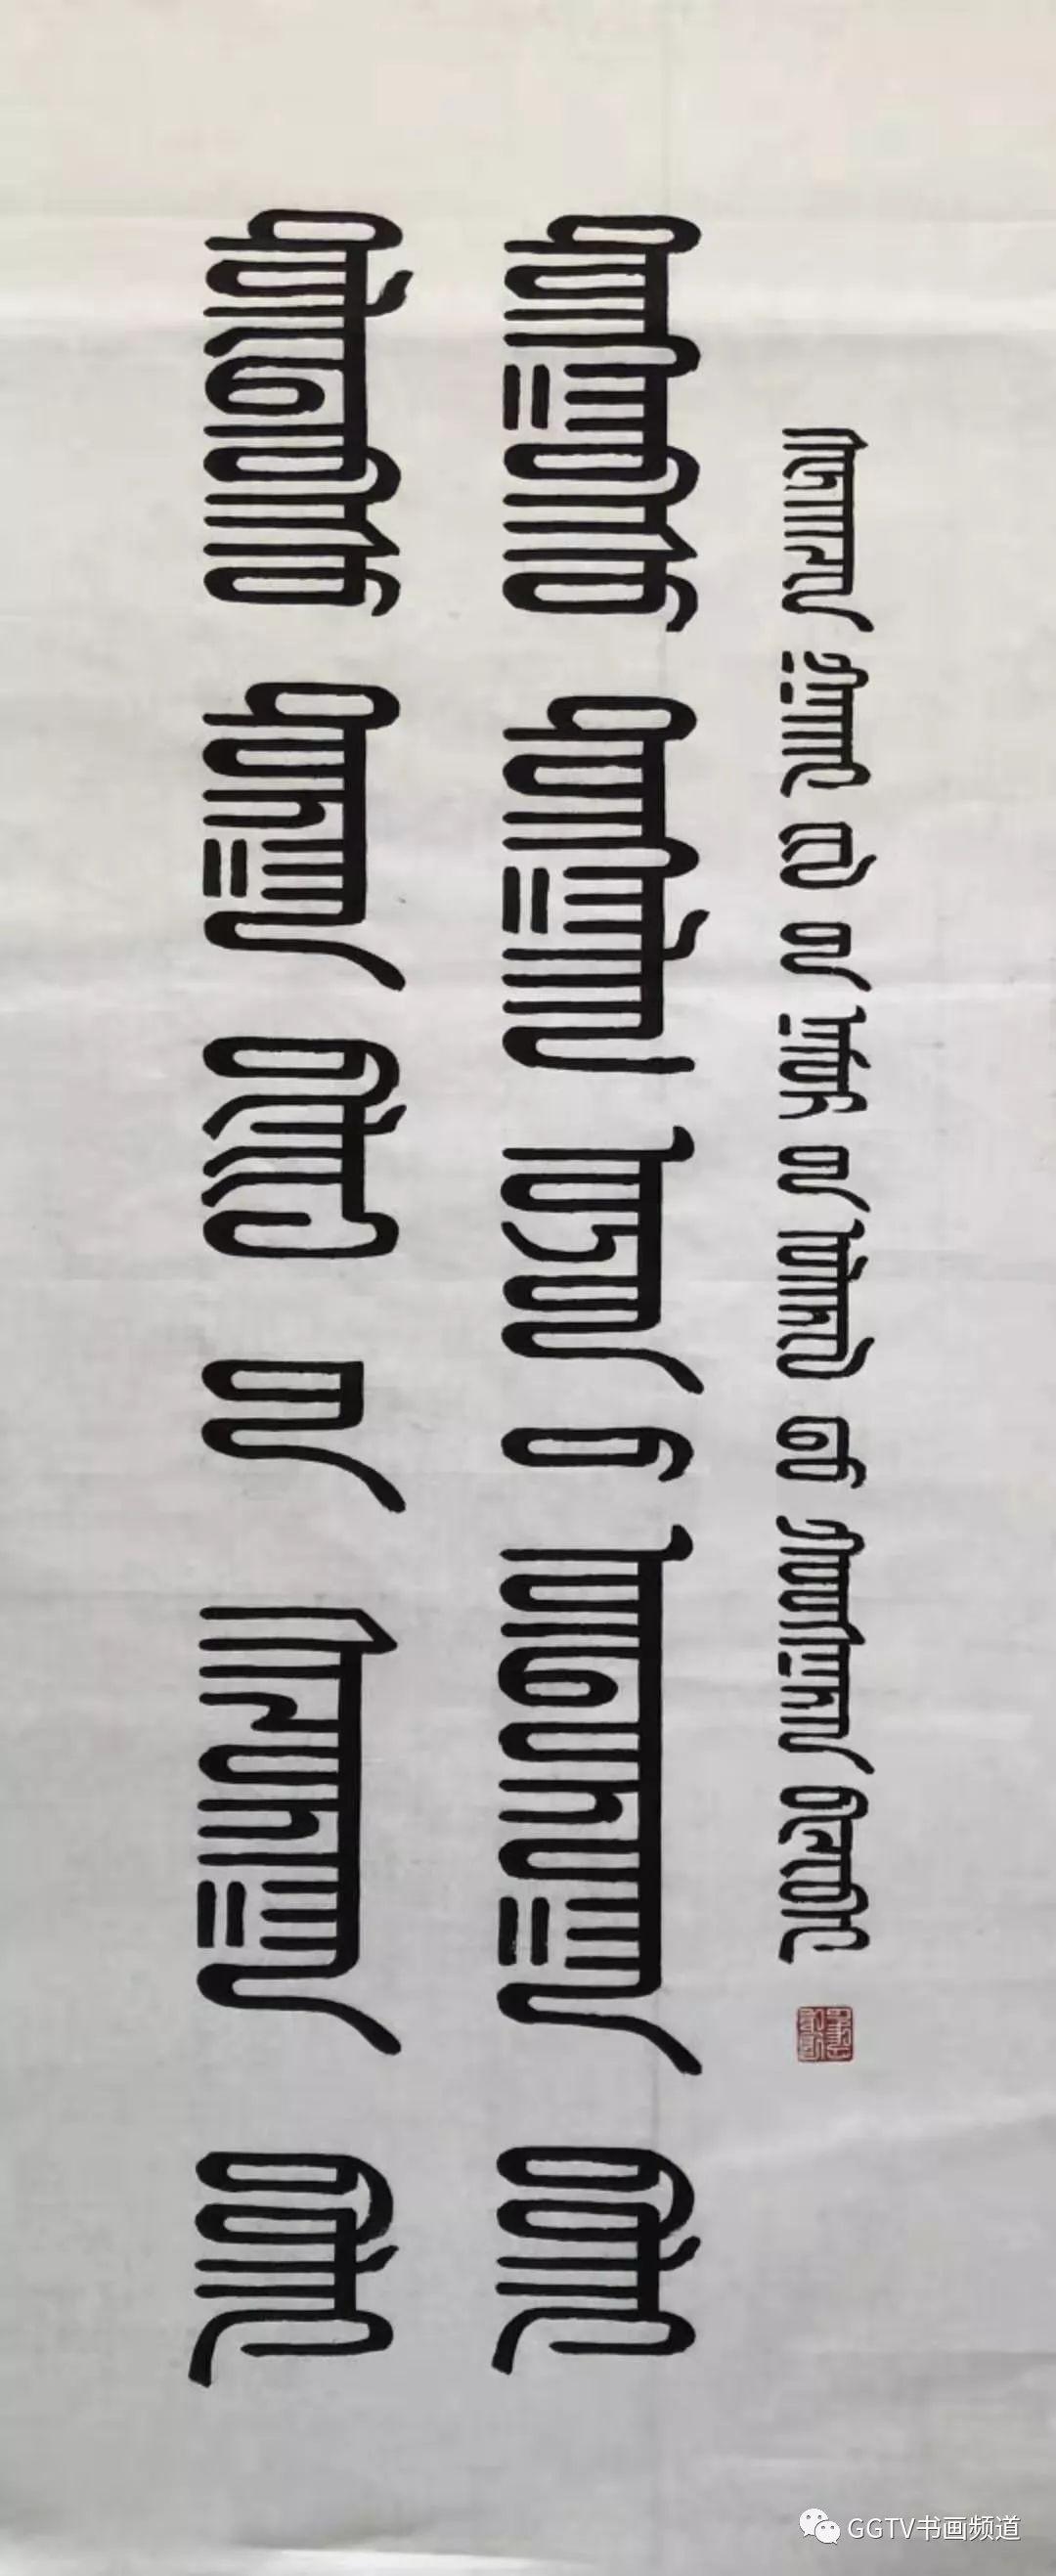 庆祝建国70周年全国优秀艺术家  —— 鲍好斯那拉作品展 第14张